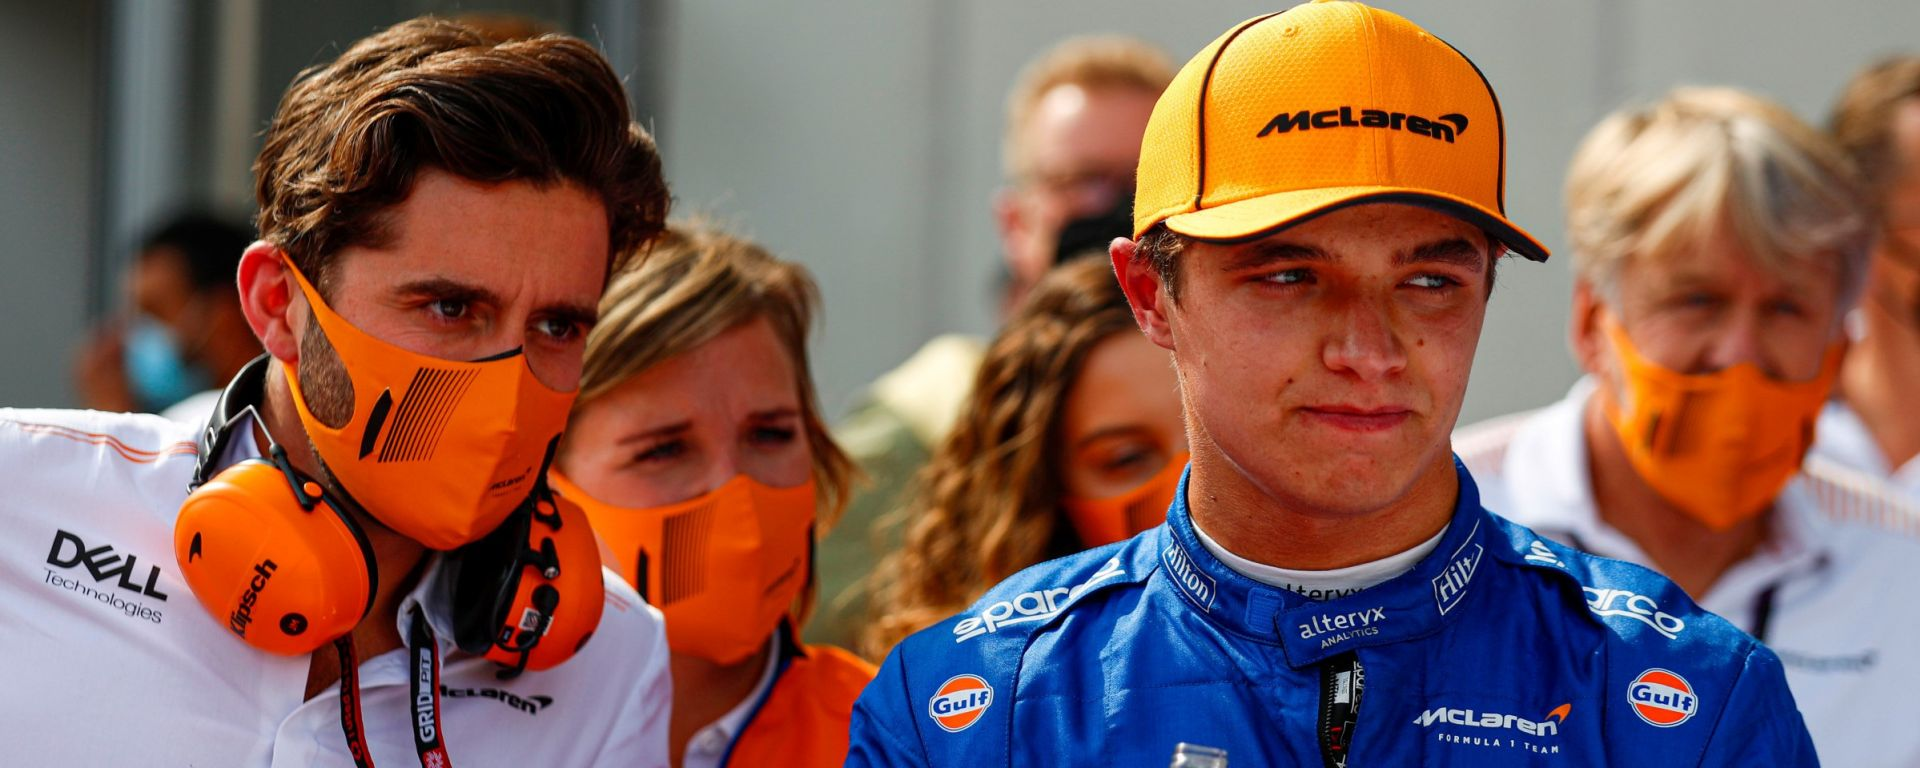 F1, GP Austria 2021: Lando Norris (McLaren)